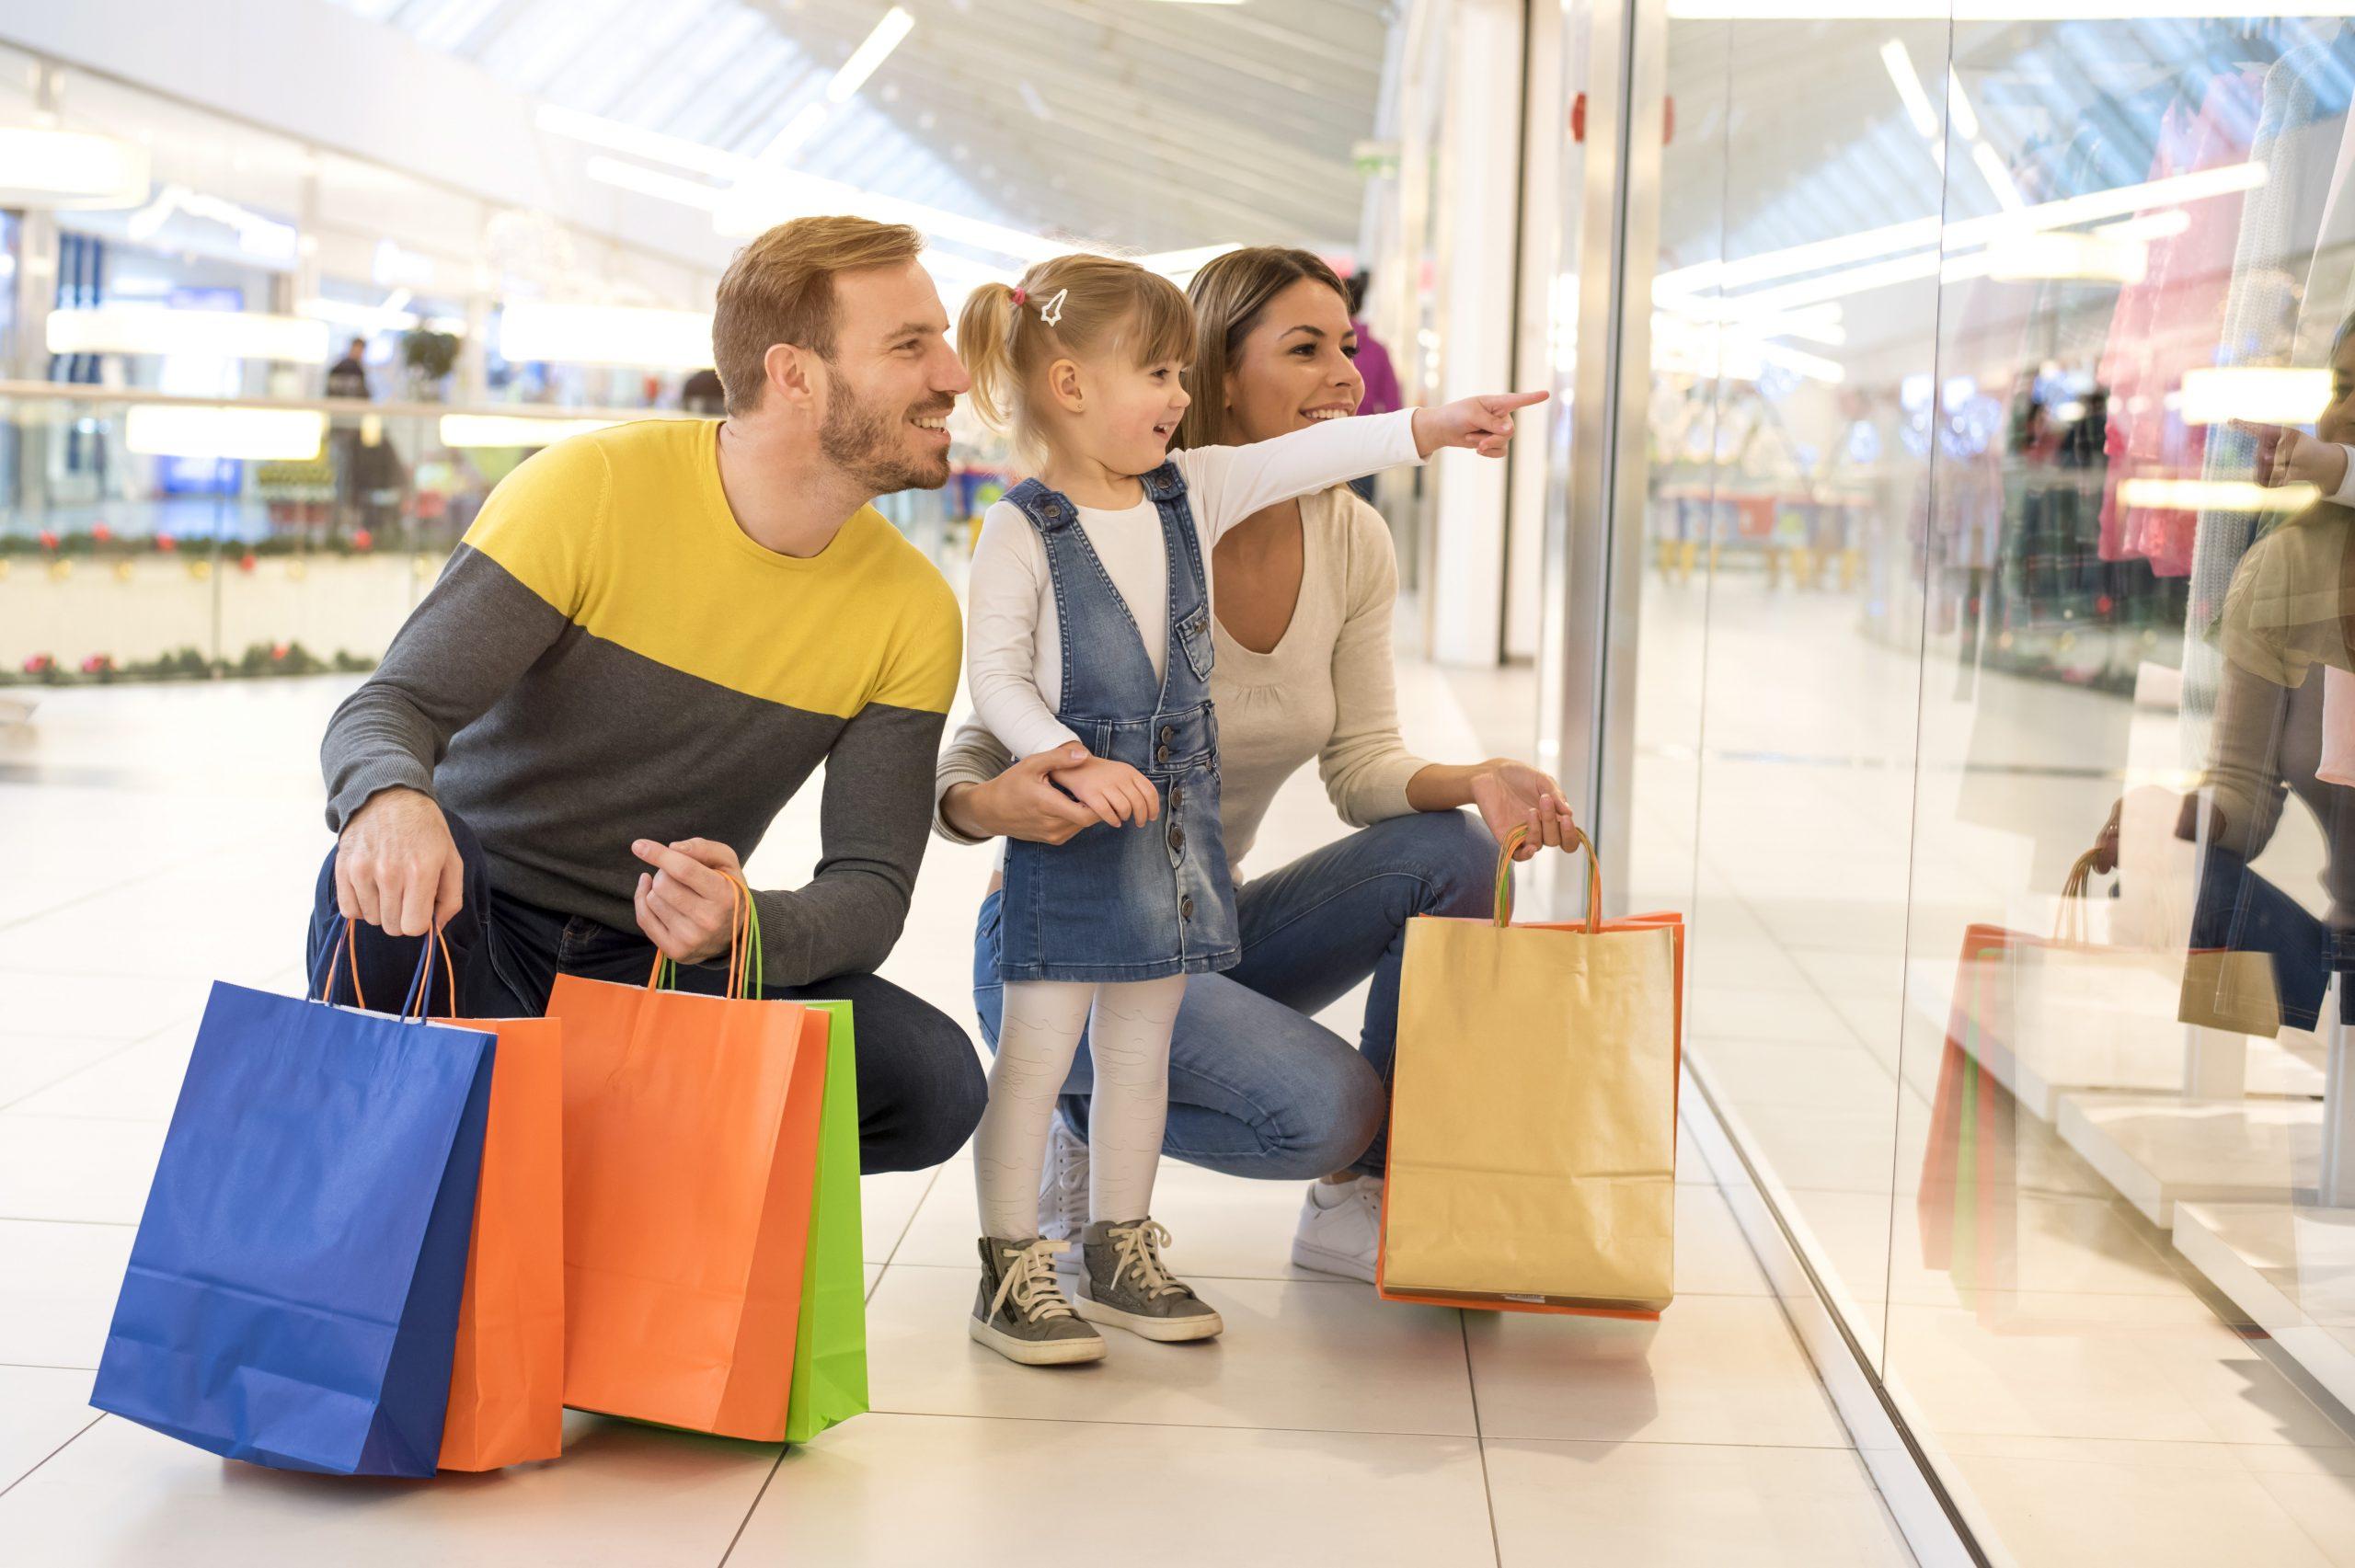 Dlaczego często odwiedzamy centra handlowe